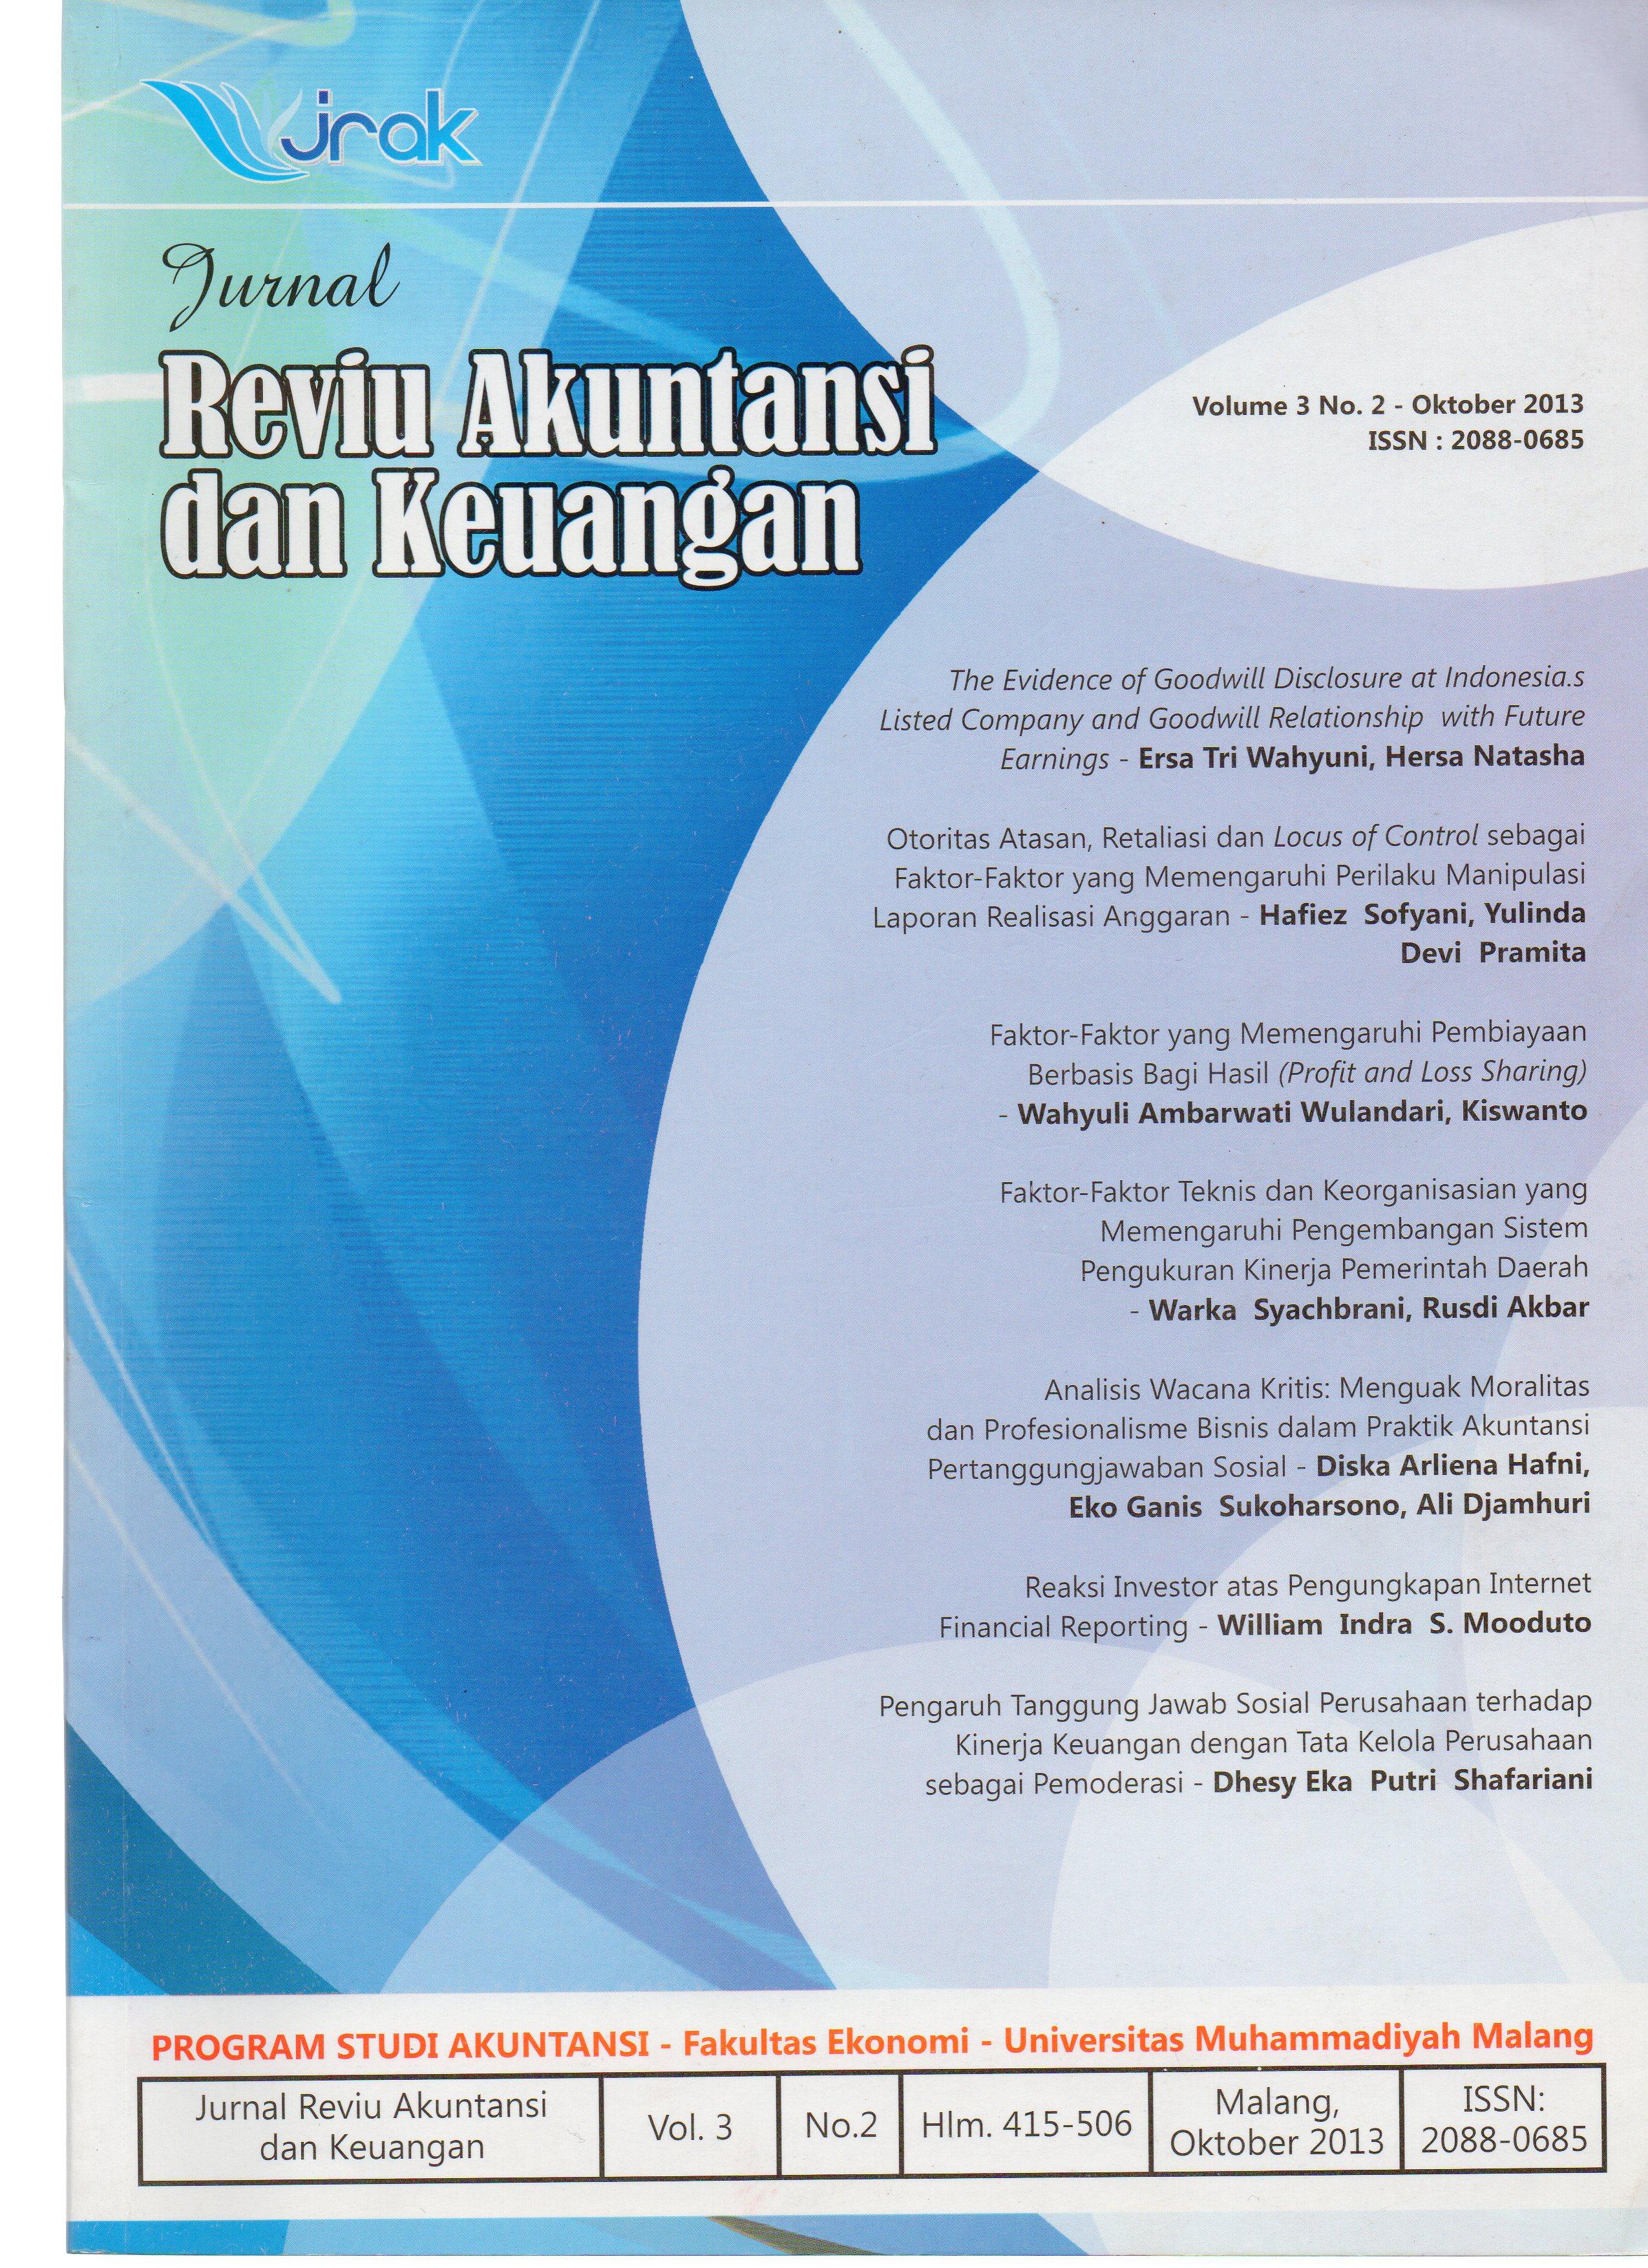 View Vol. 3 No. 2: Jurnal Reviu Akuntansi dan Keuangan